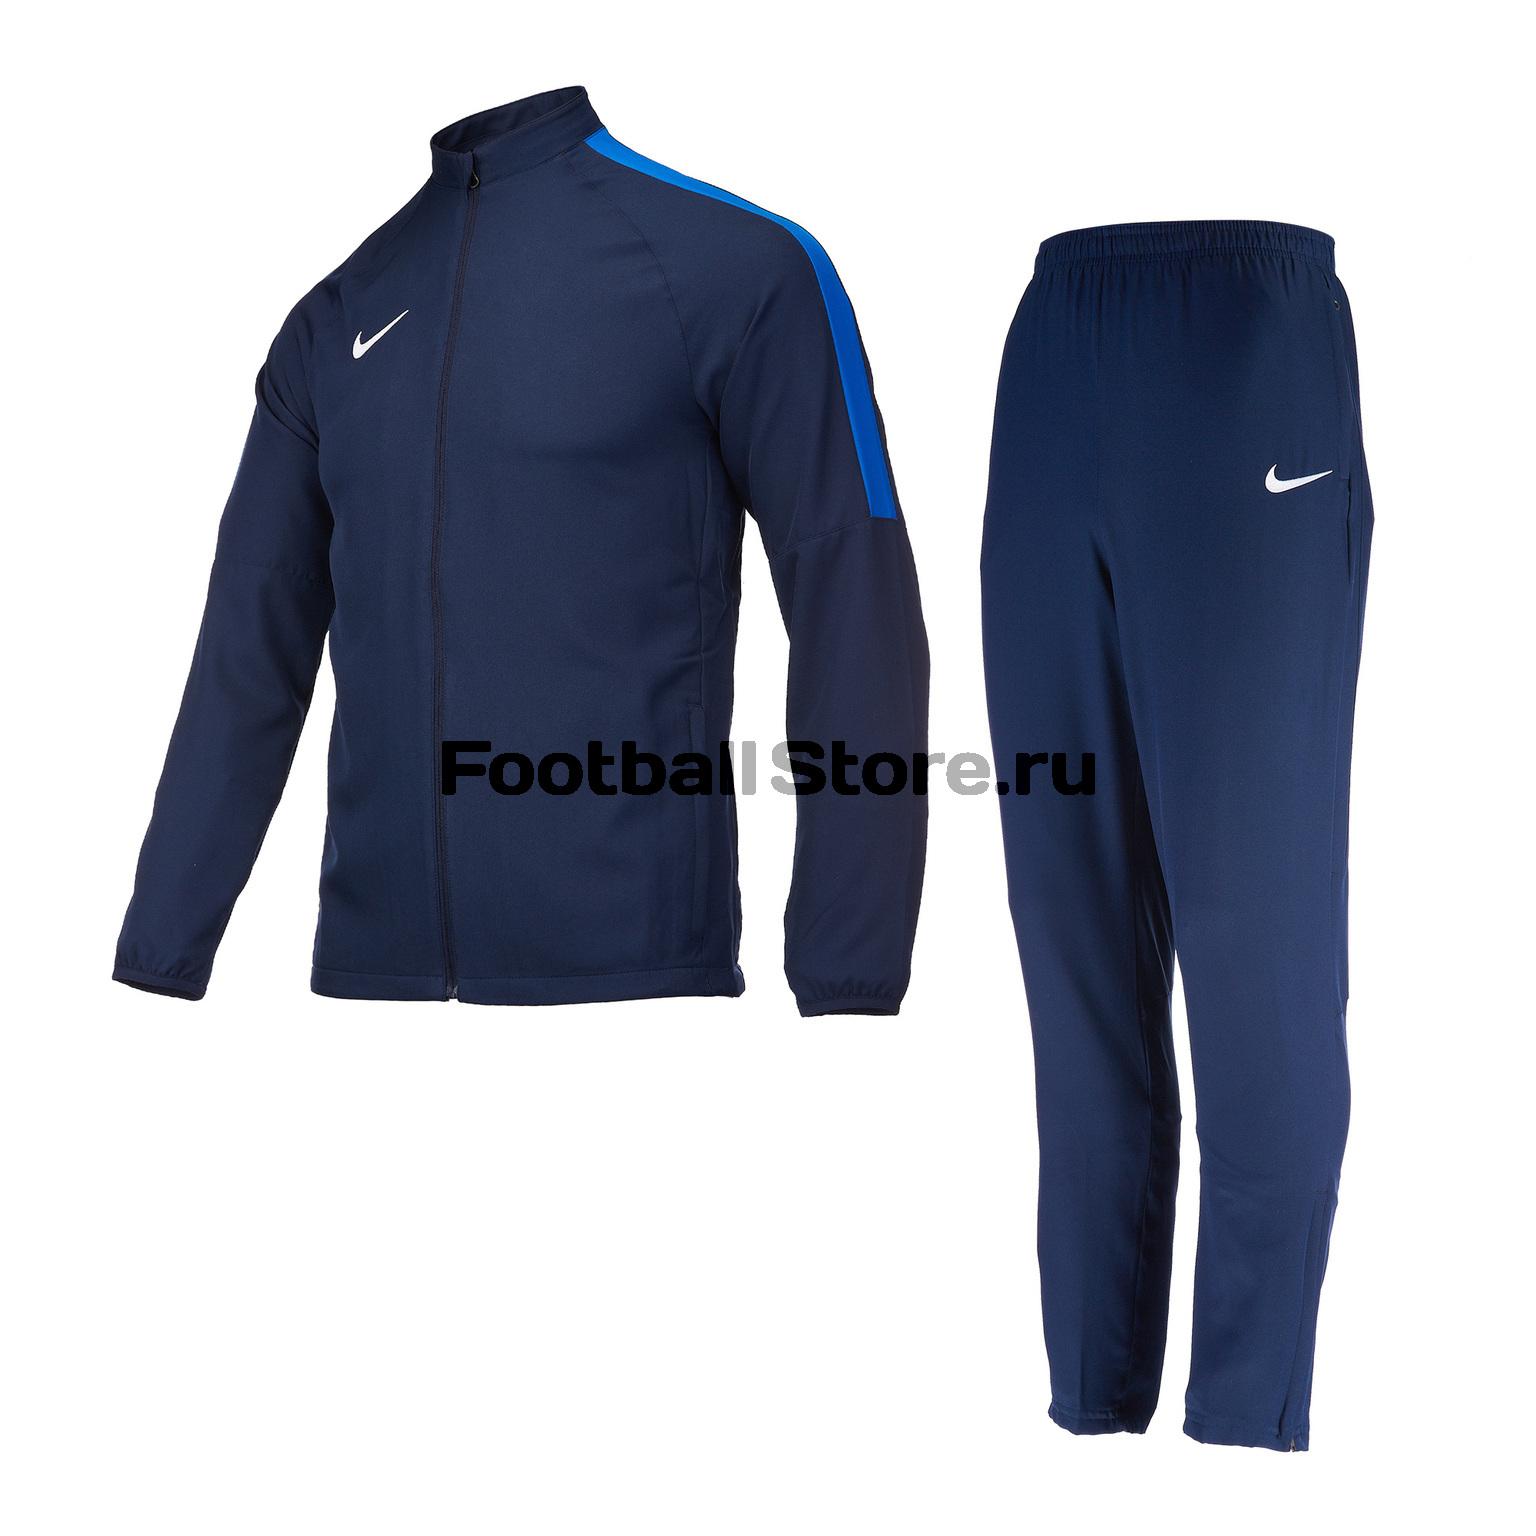 Костюм подростковый Nike Dry Academy18 893805-451